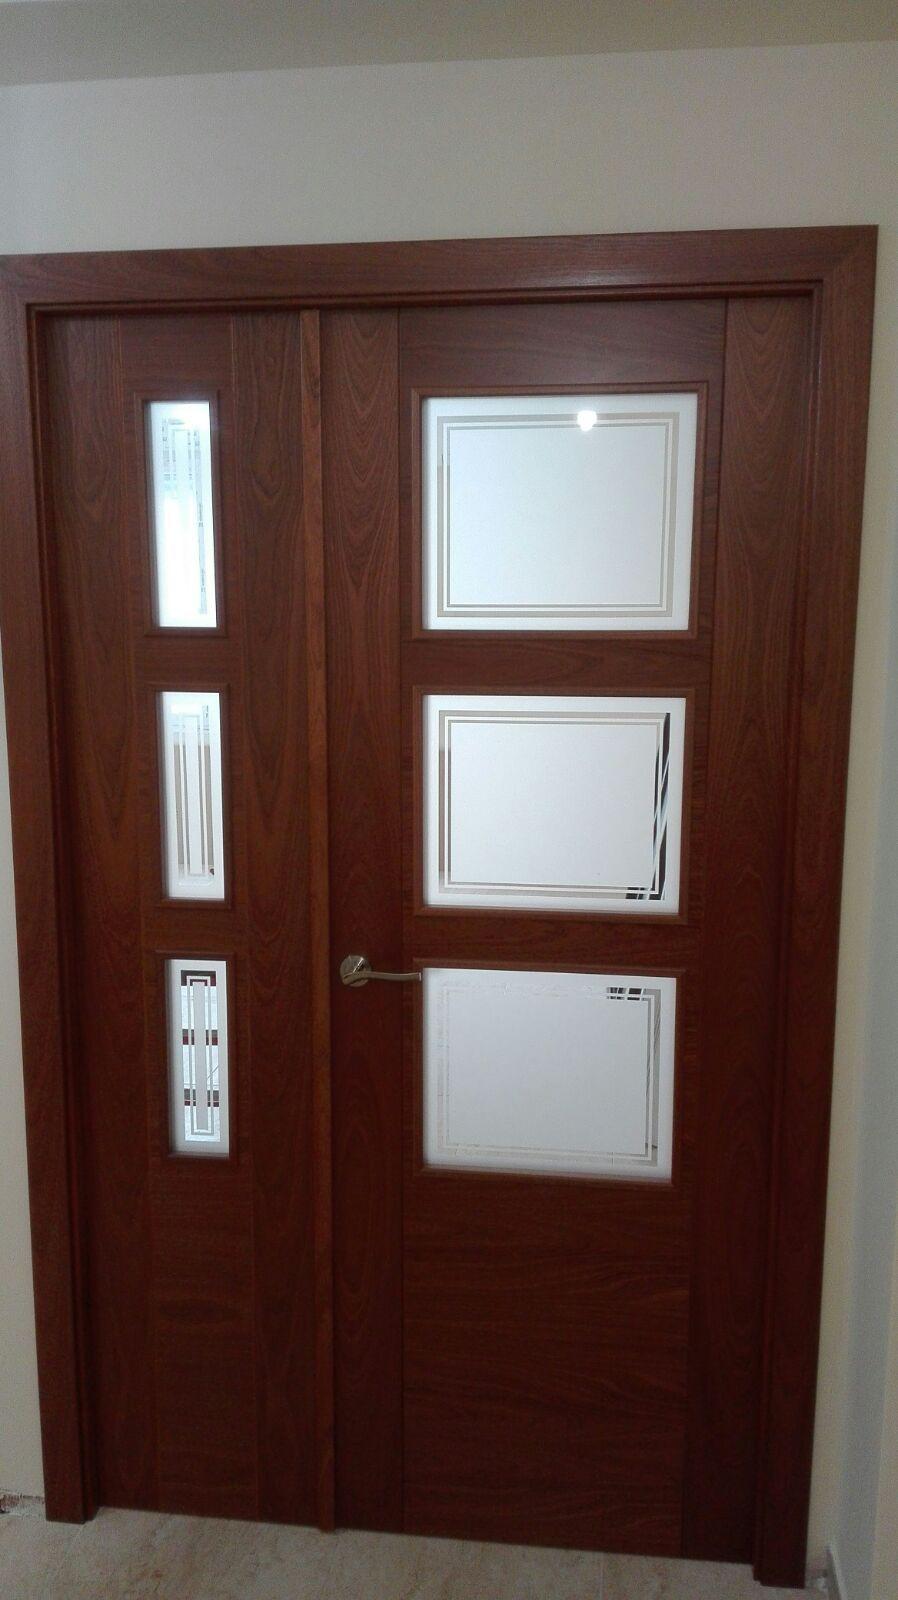 Puerta modelo rubi sapelly rameado vidrieras con cristal - Tarimas y puertas ...